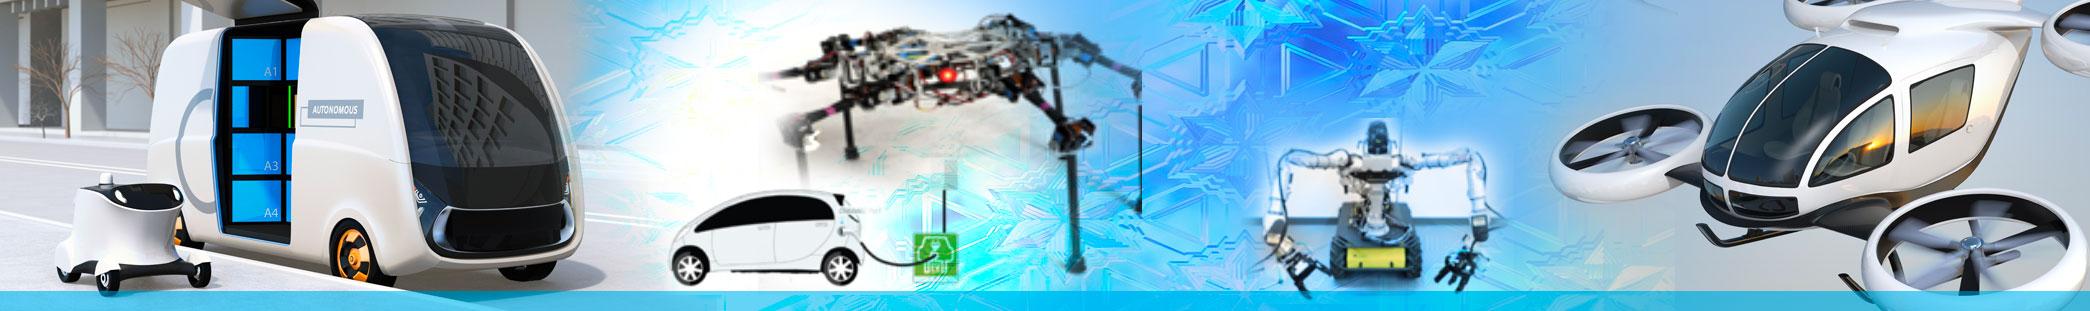 Autonomous Systems Photo Collage